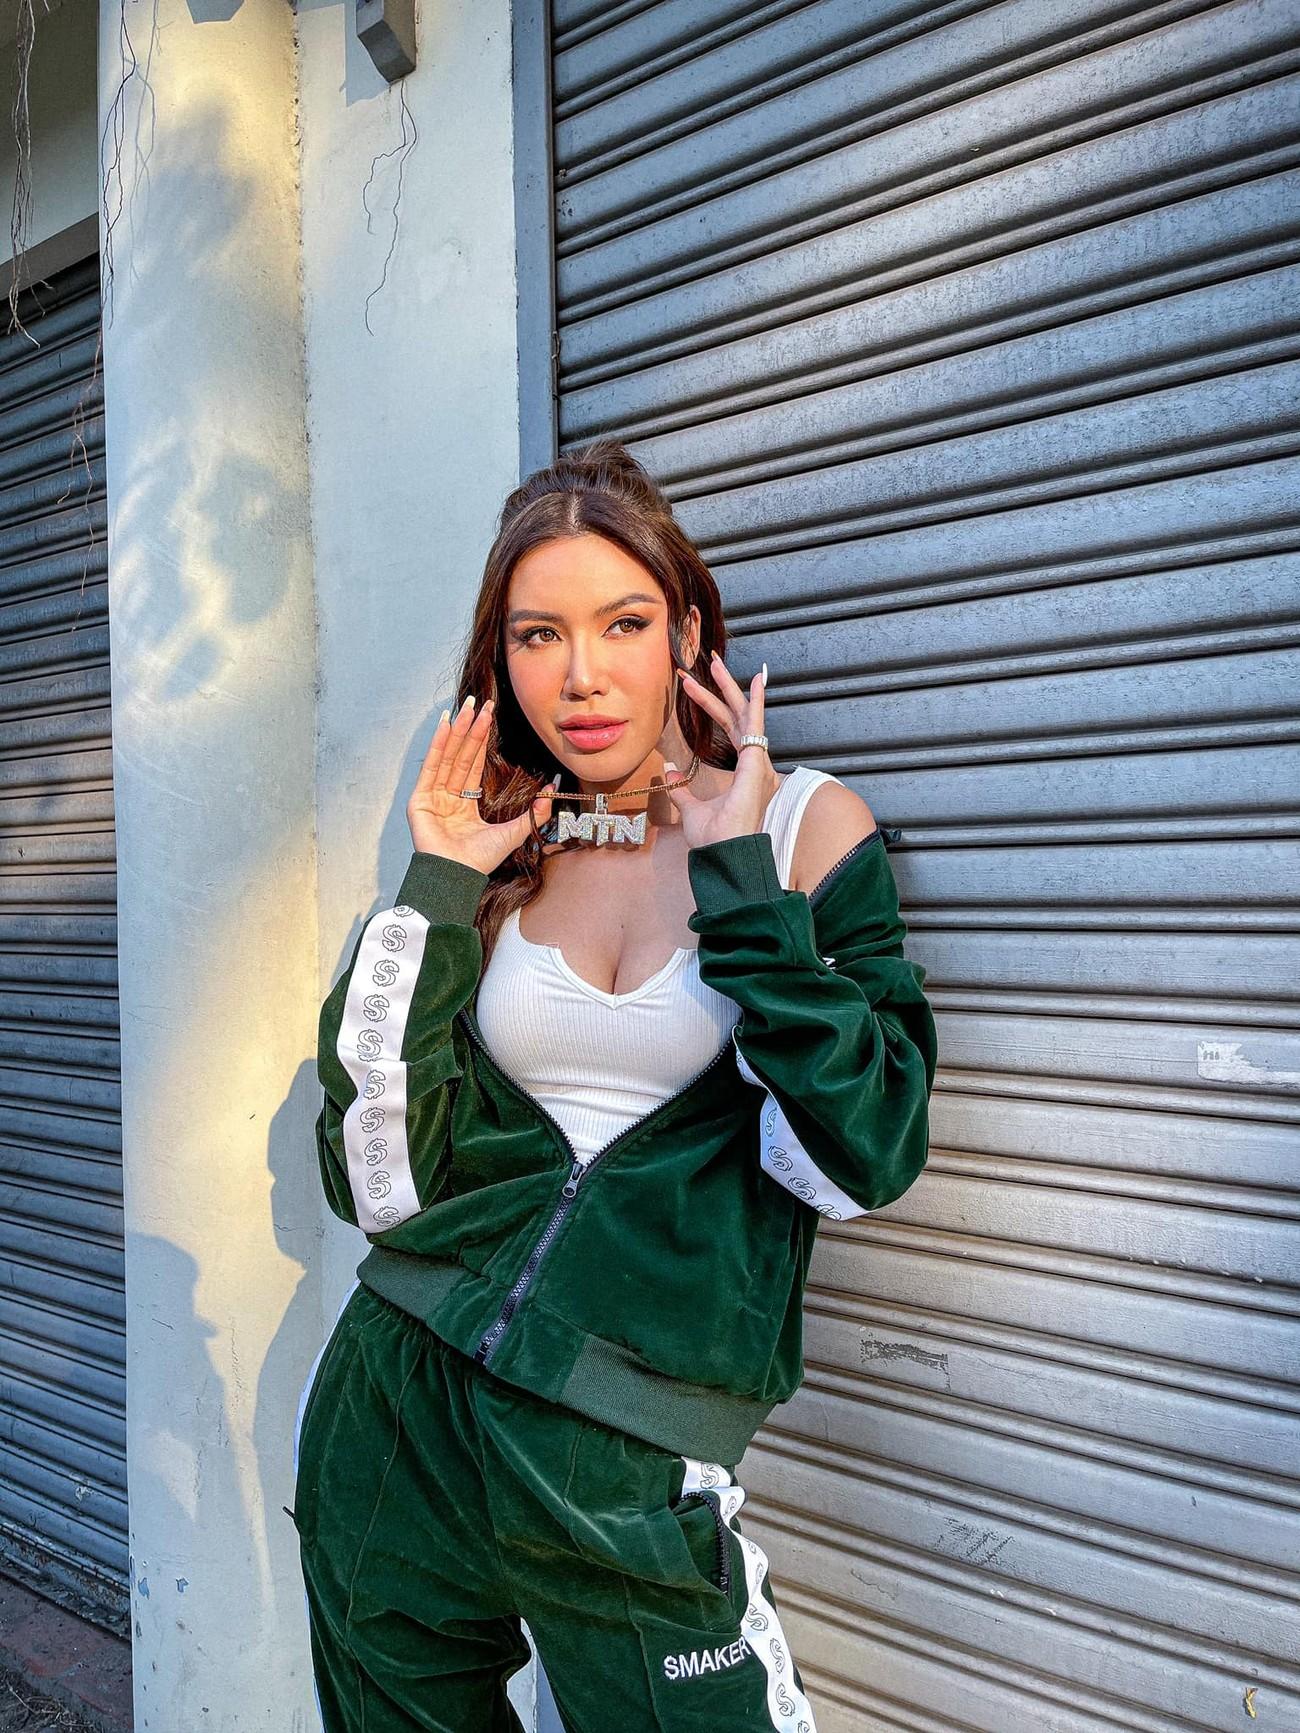 Hoa hậu Tiểu Vy mặc đơn giản vẫn đẹp hút hồn, Mai Phương Thuý diện váy cúp ngực nóng bỏng ảnh 6